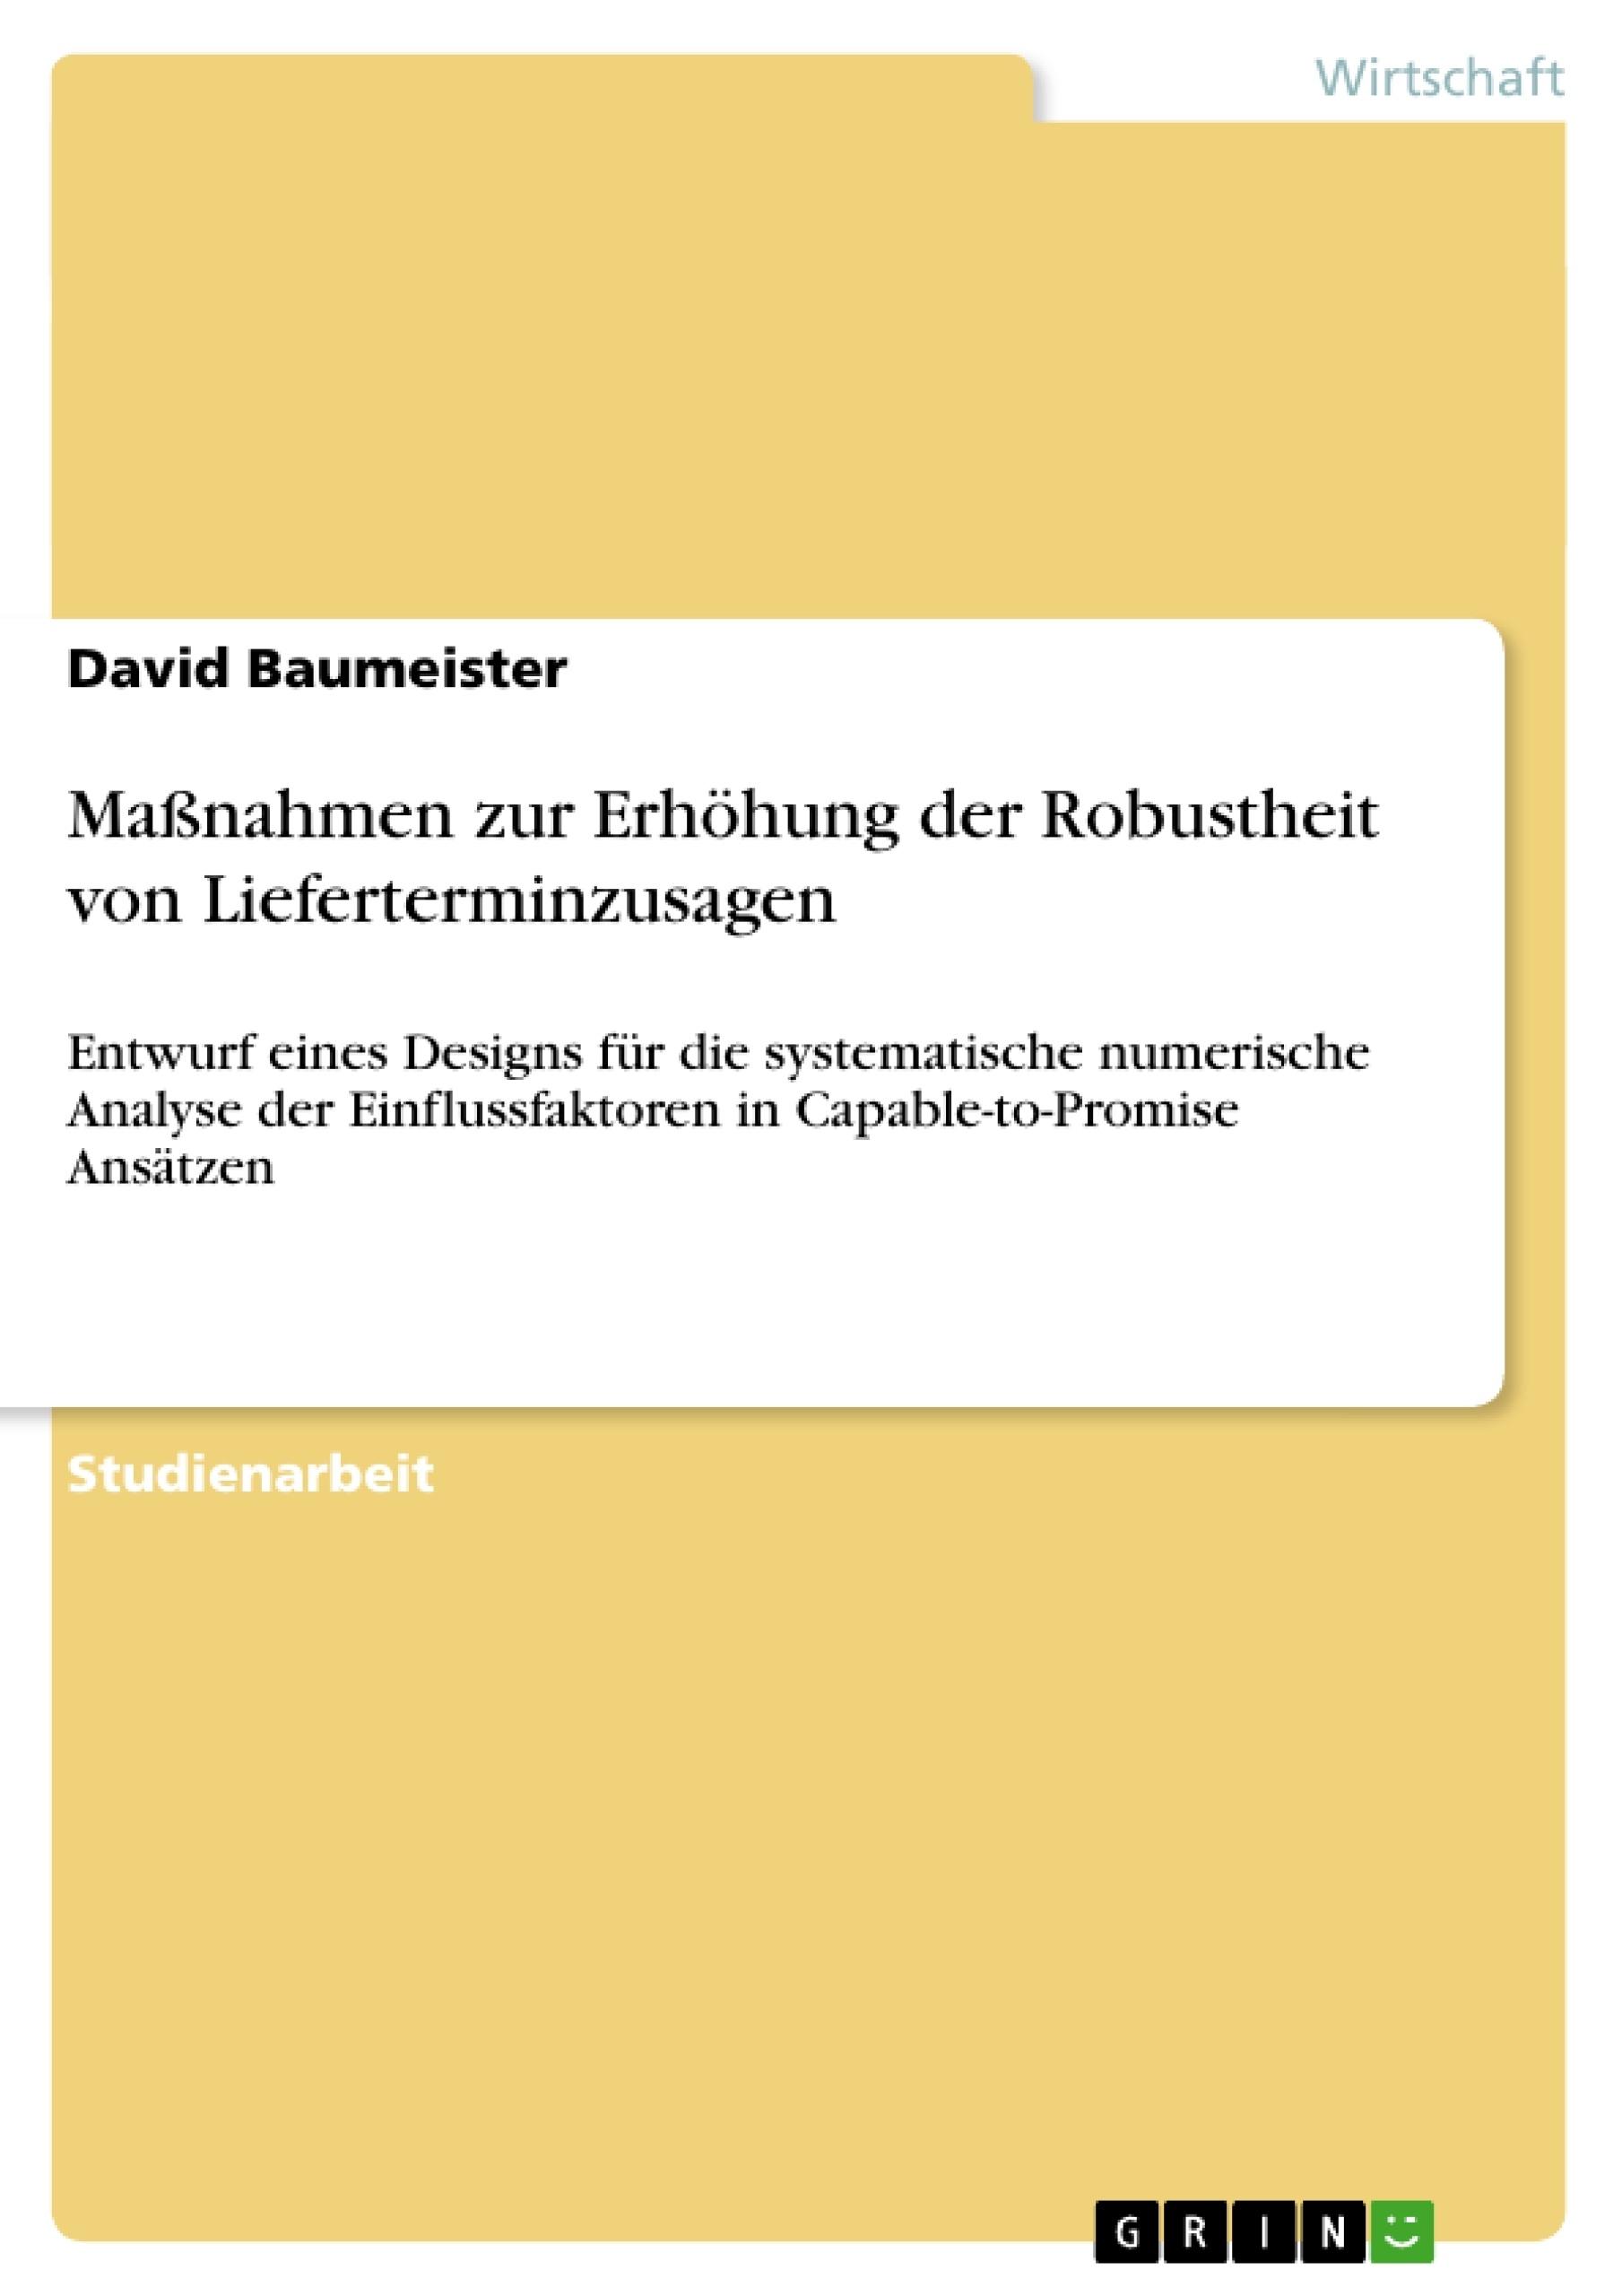 Titel: Maßnahmen zur Erhöhung der Robustheit von Lieferterminzusagen